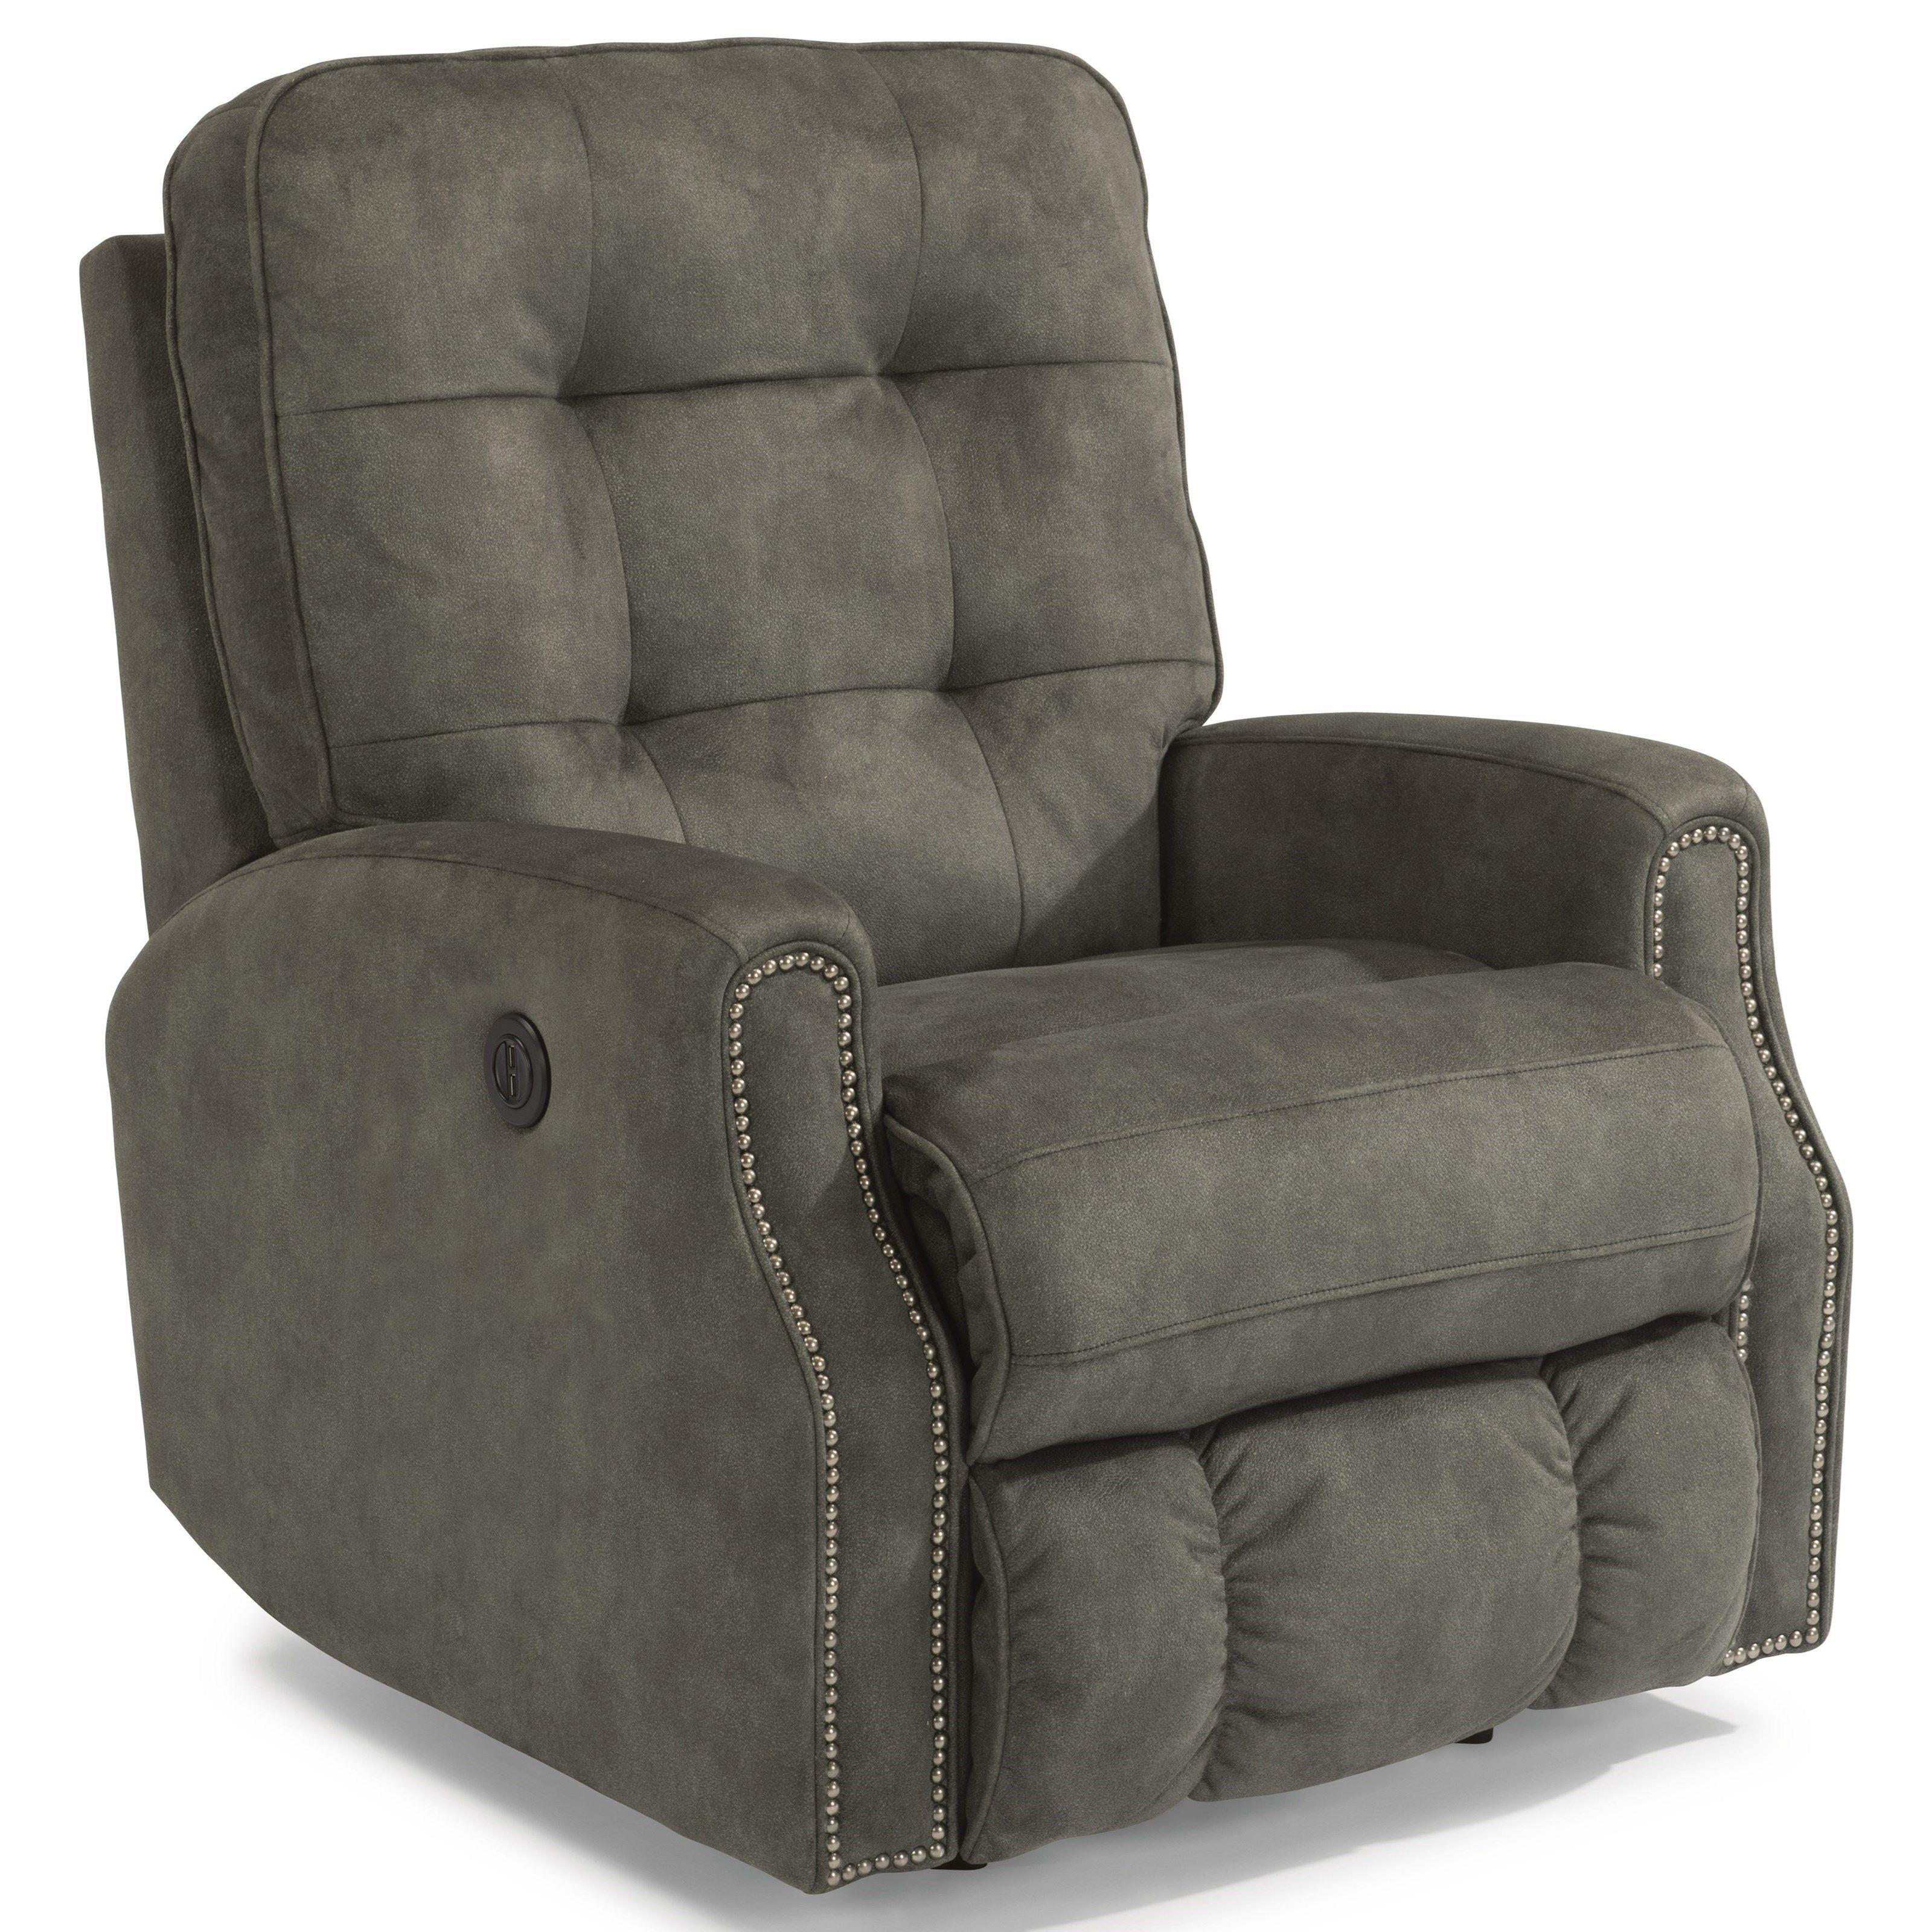 Devon Power Rocker Recliner W/ Nailheadsflexsteel | Furniture Within Devon Ii Swivel Accent Chairs (View 17 of 20)